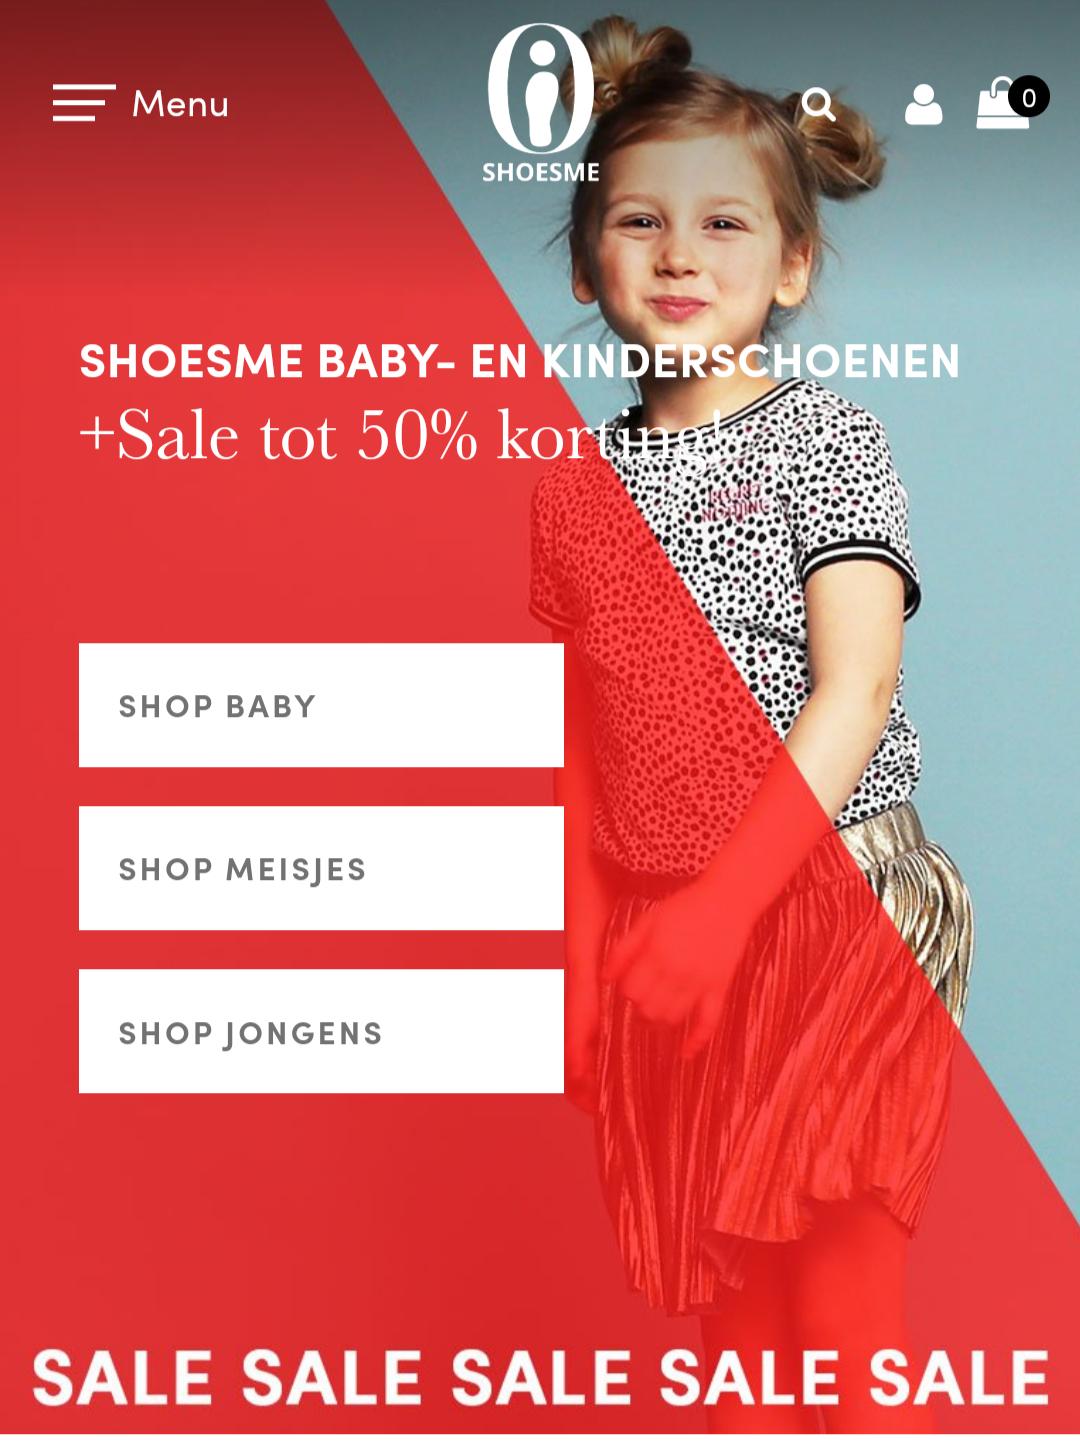 Shoesme kinder en baby schoenen tot 50% korting